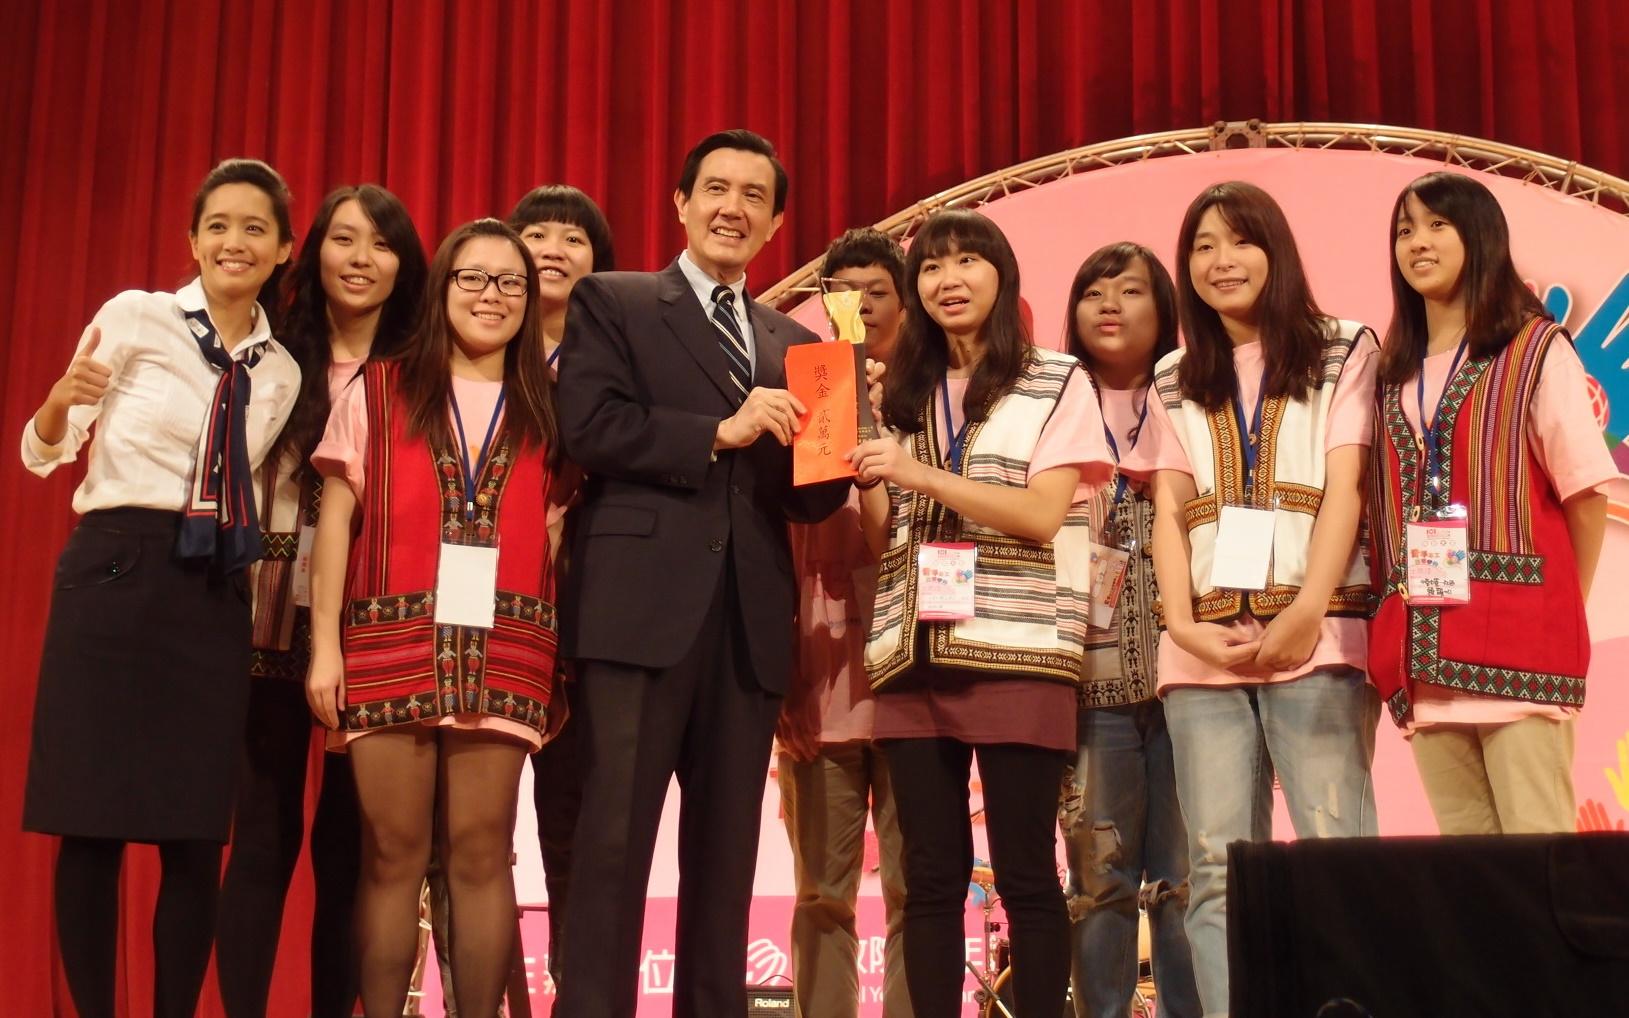 狂賀!區域和平志工團績優團隊全國競賽 中原囊括五項榮譽肯定